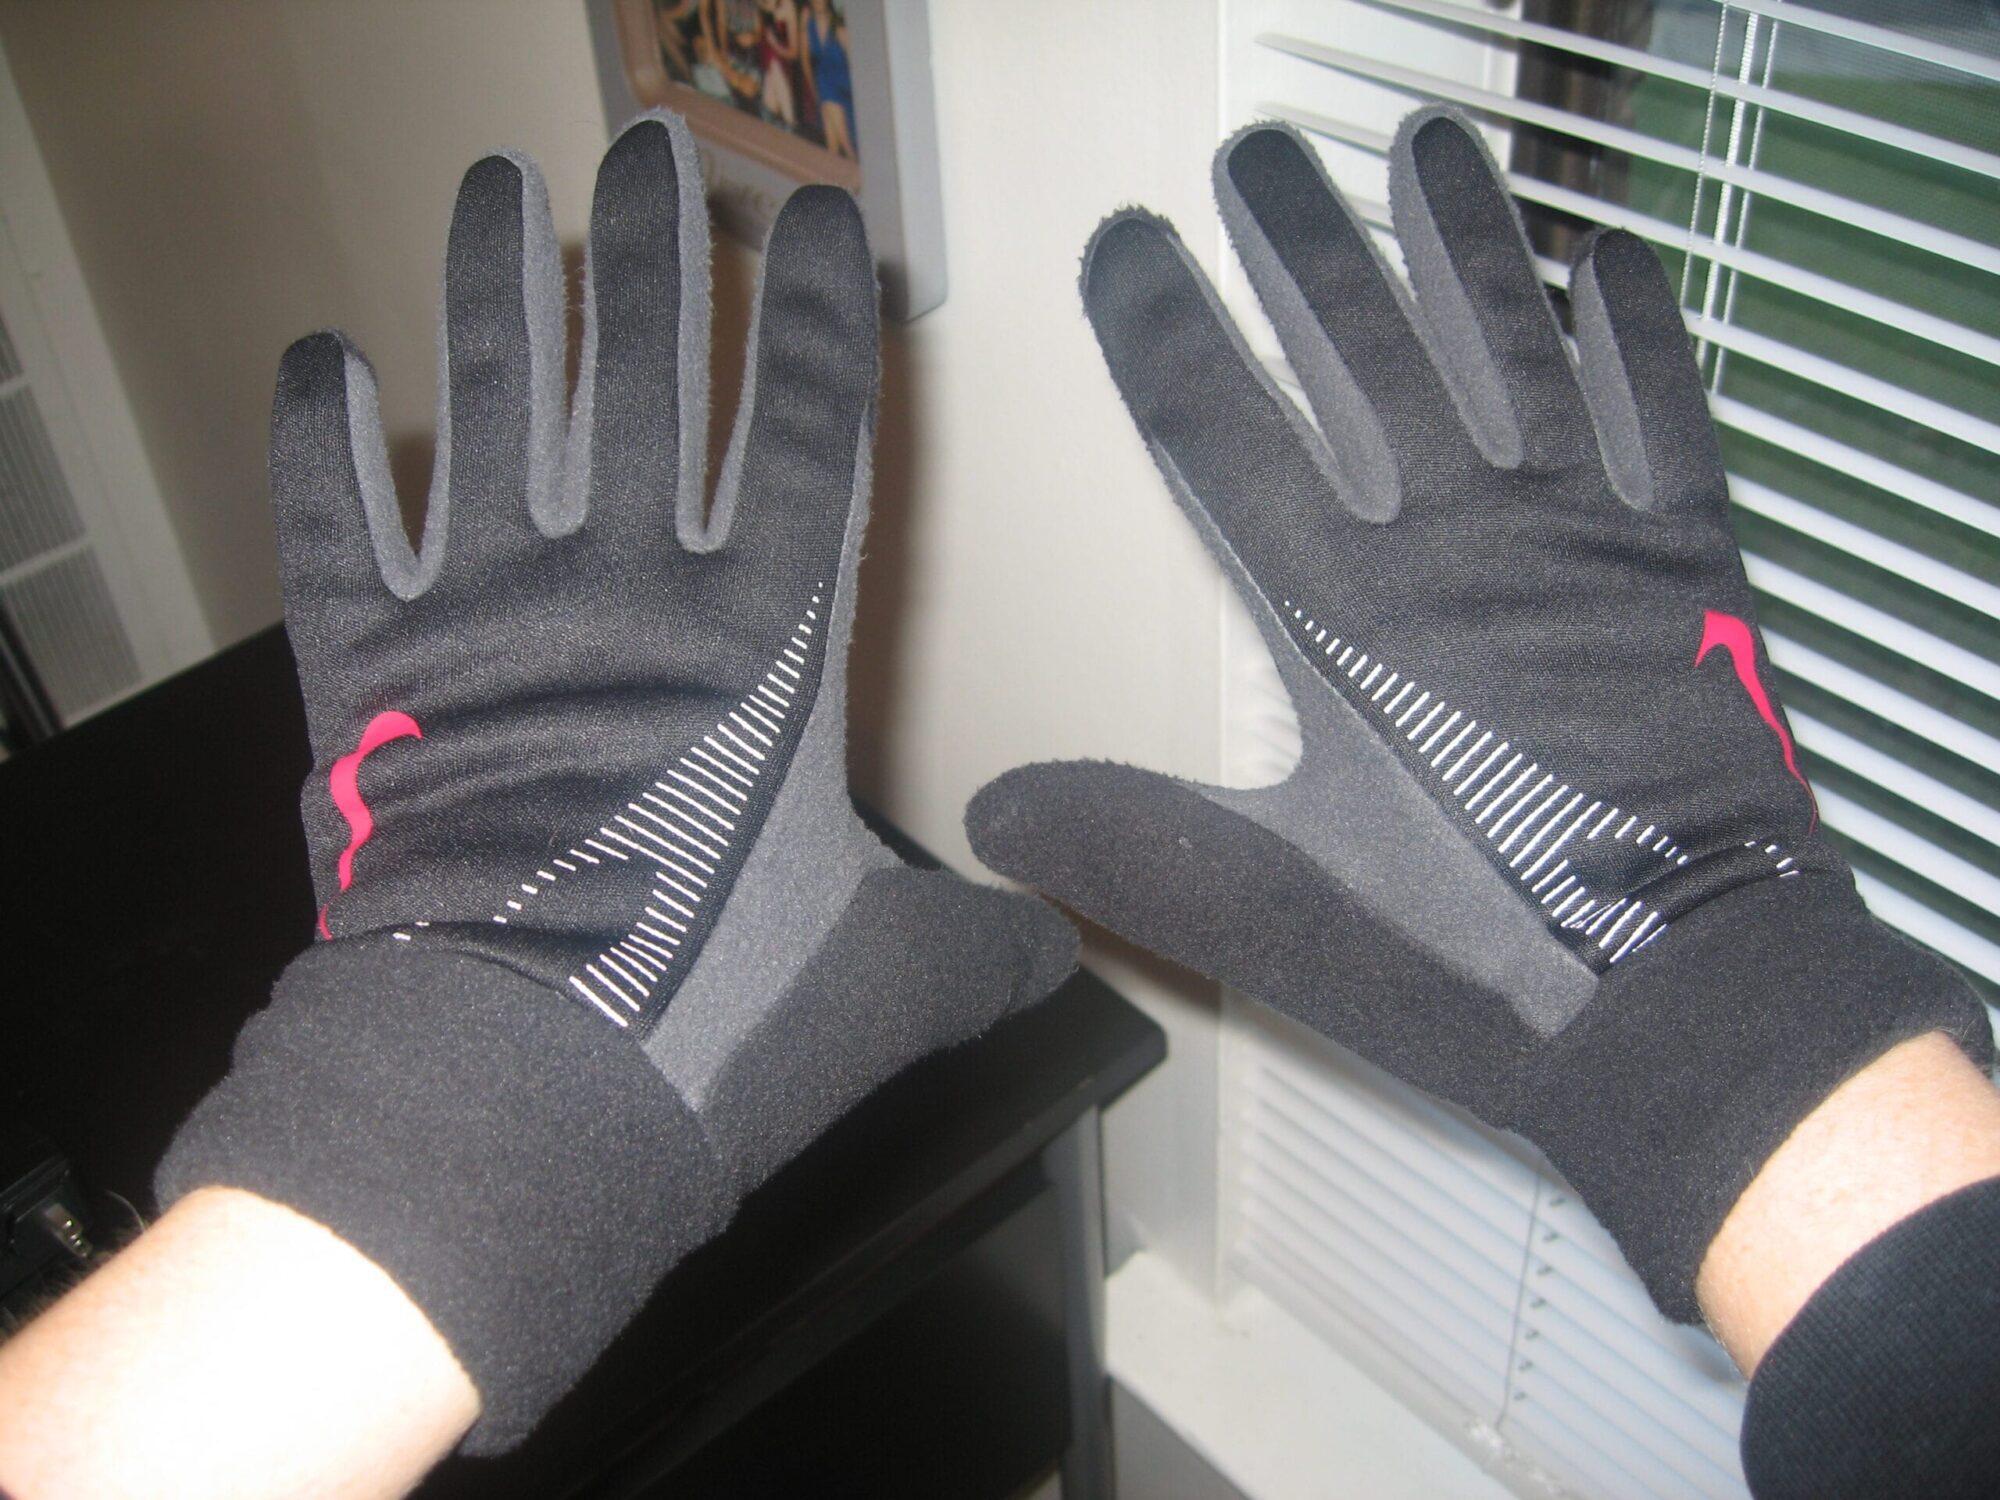 No Glove No Love